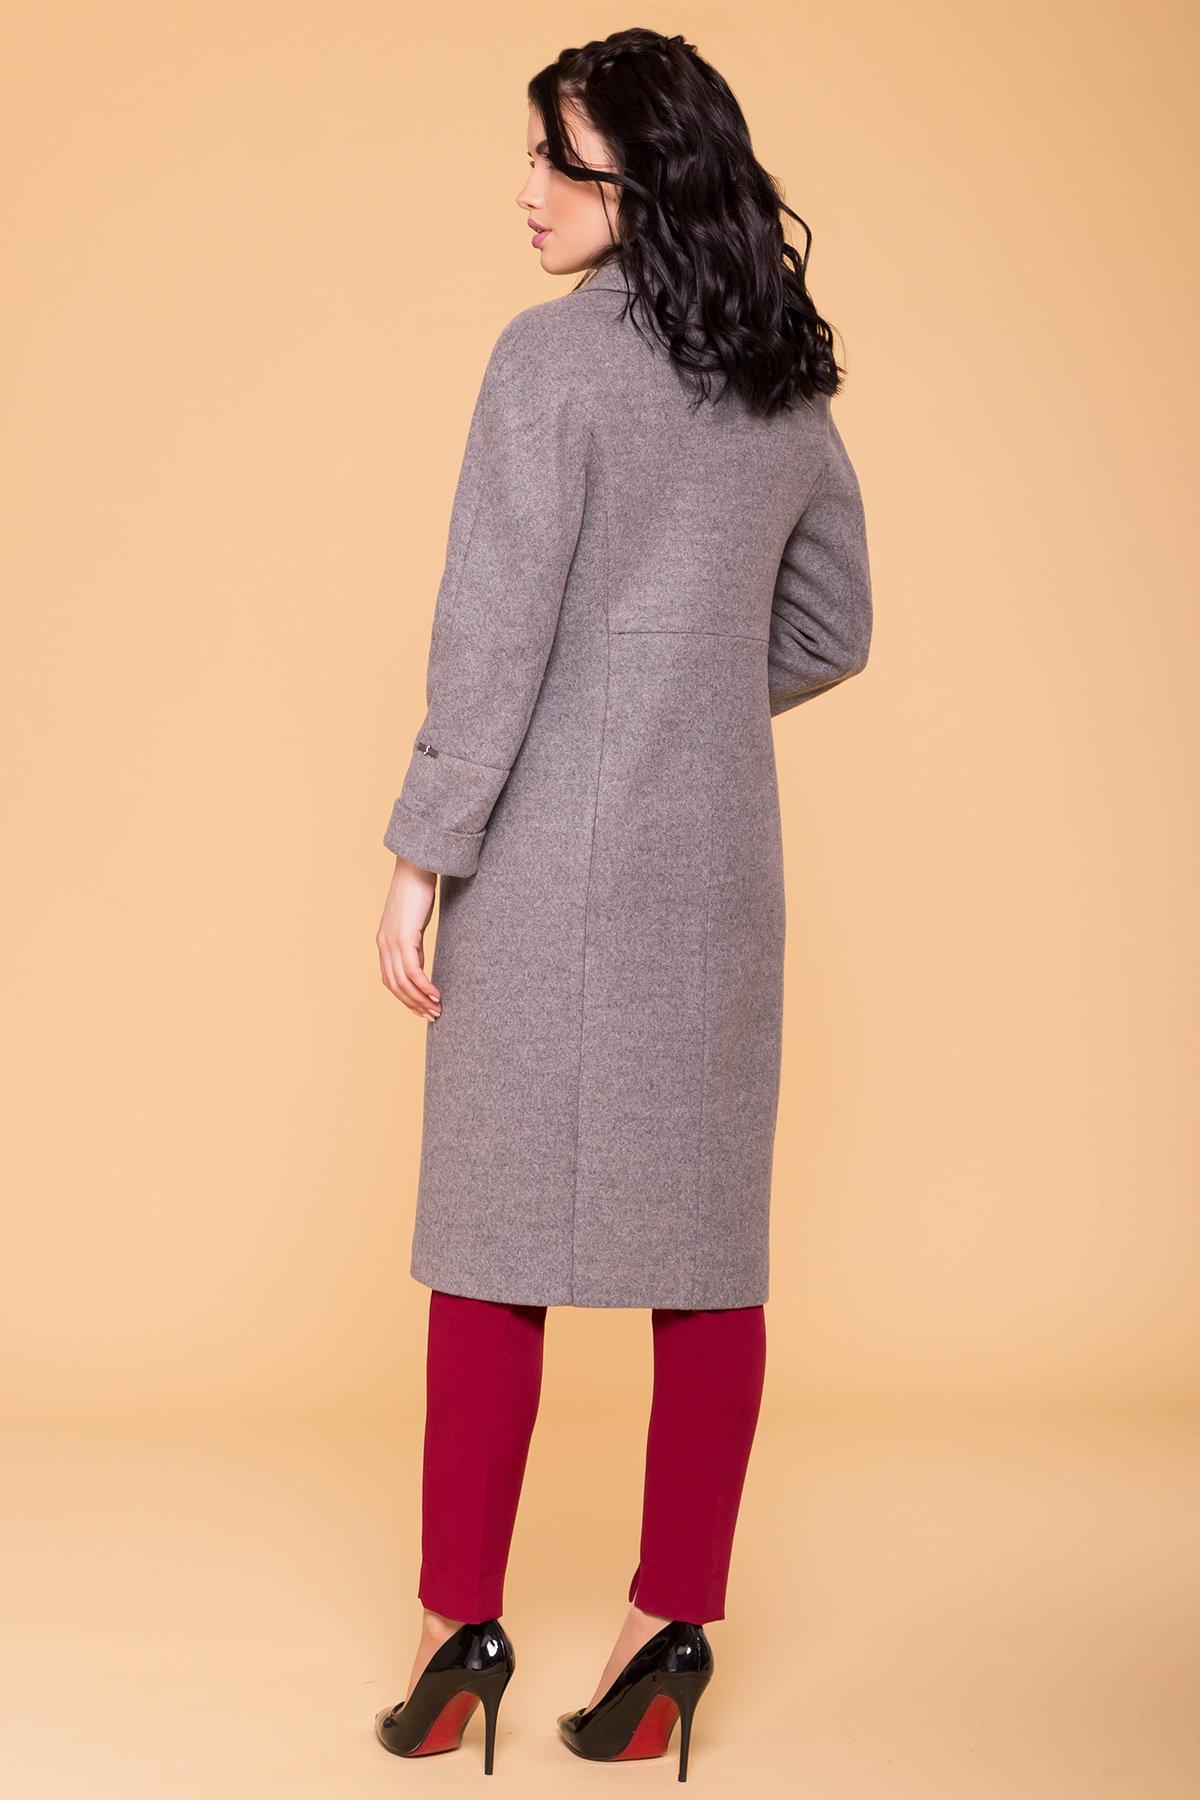 Пальто Верди 6205 АРТ. 41156 Цвет: Карамель 20/1 - фото 2, интернет магазин tm-modus.ru